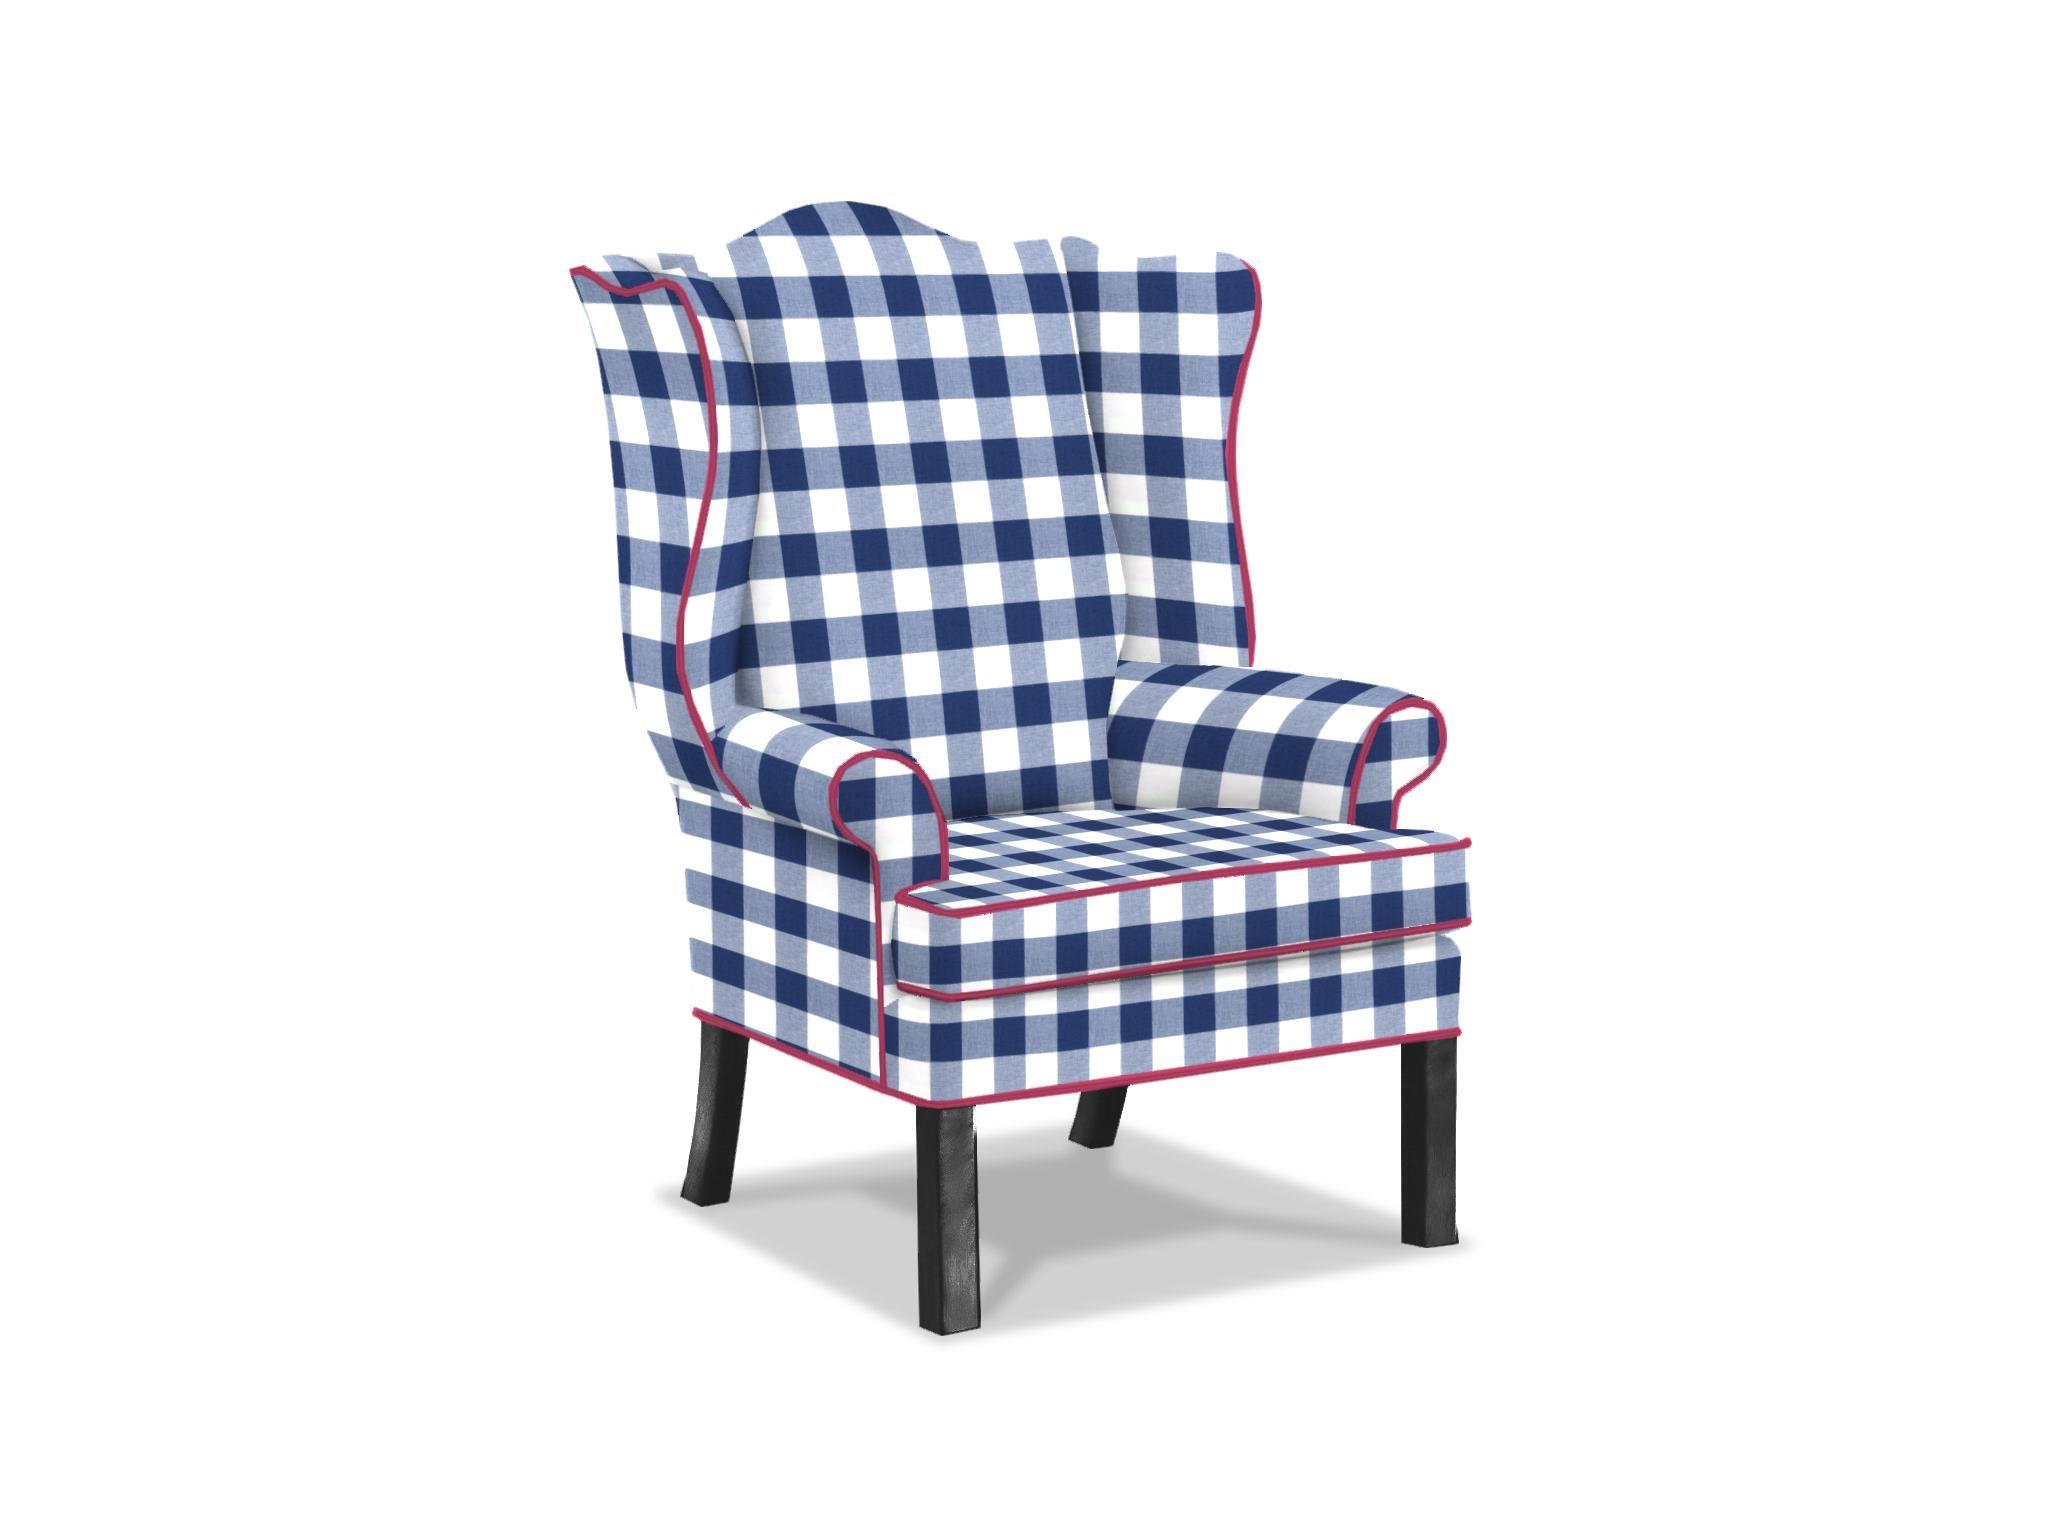 Montville Chair 207575 Ethan Allen Danbury Ct Furniture